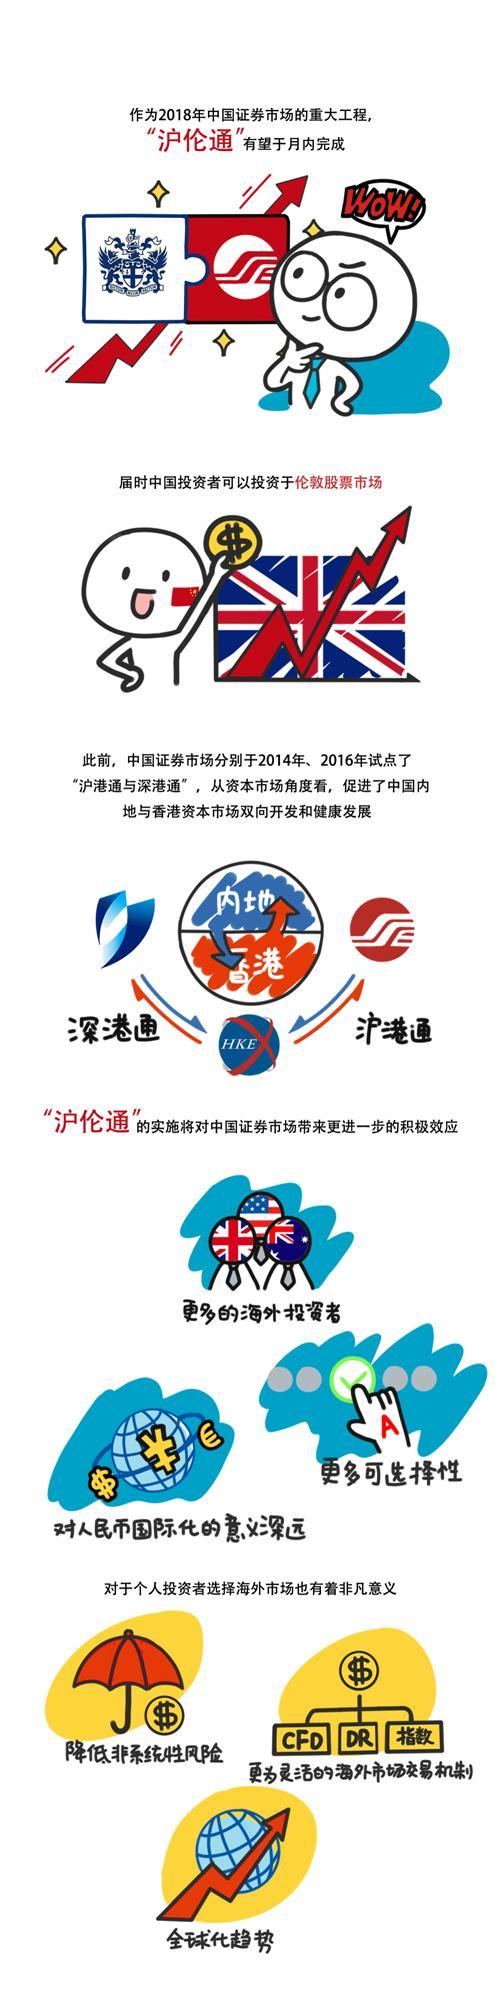 http://www.weixinrensheng.com/caijingmi/340983.html